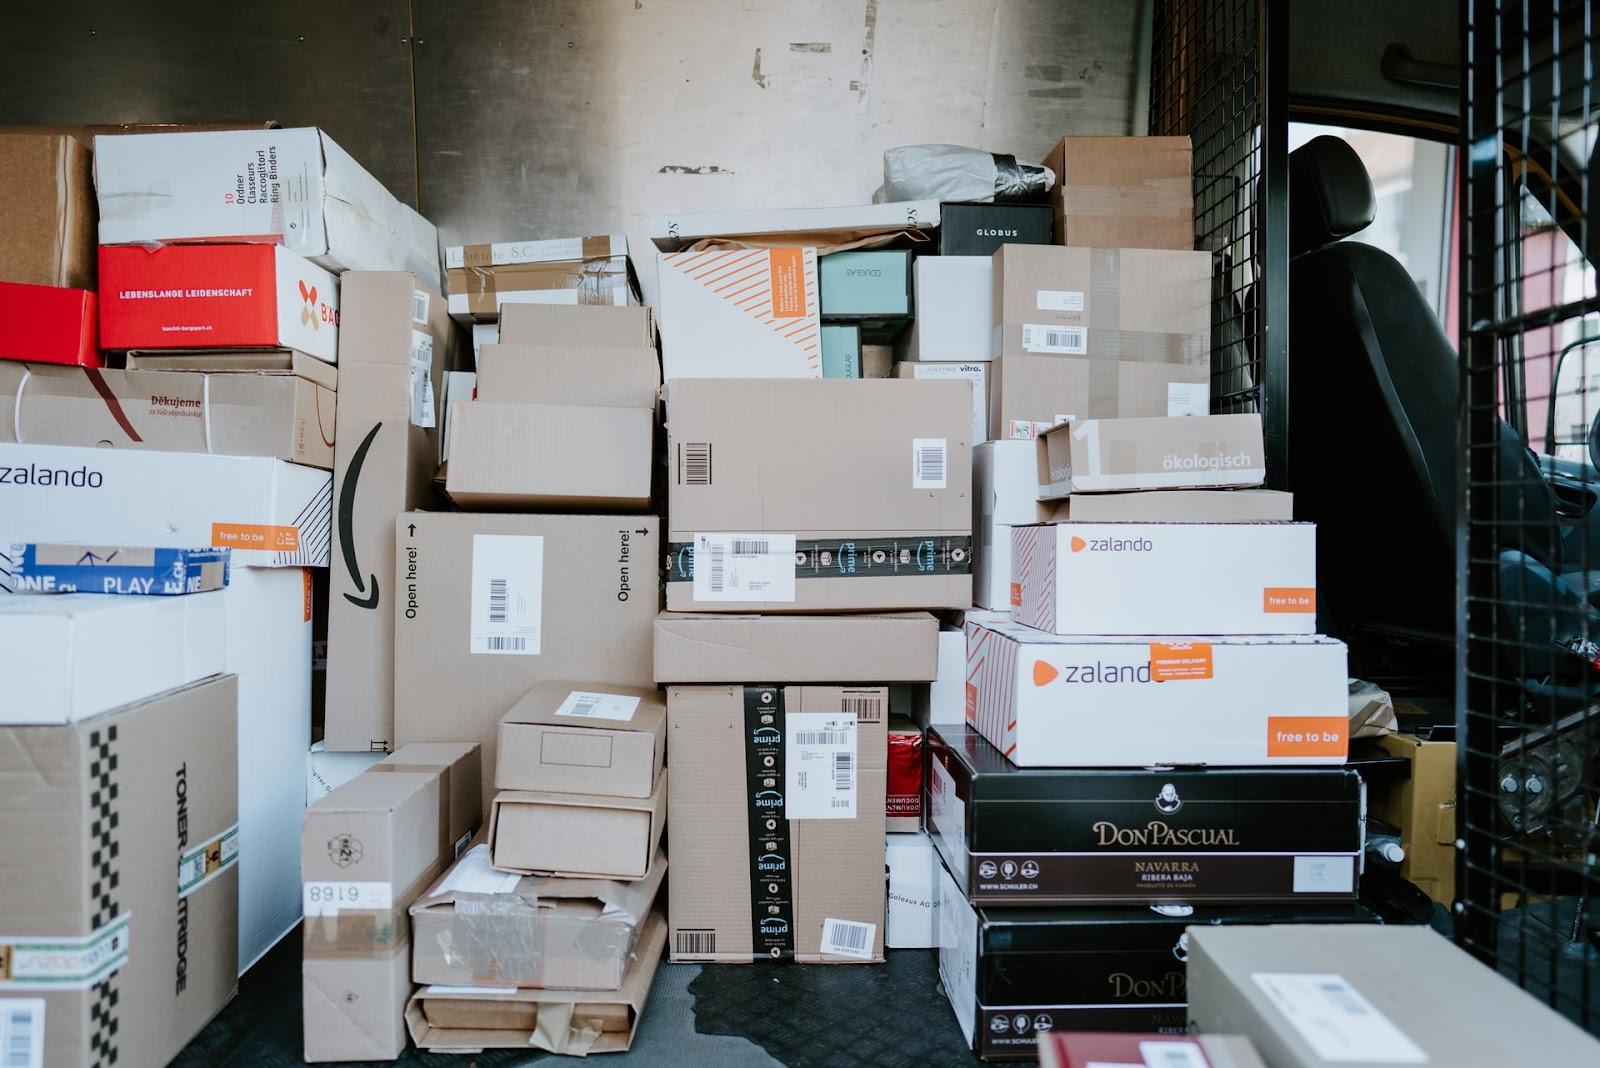 O evento Frete sem Neura foi criado para ajudar lojistas a melhorar o transporte e logística para e-commerce. (Foto: Unsplash)